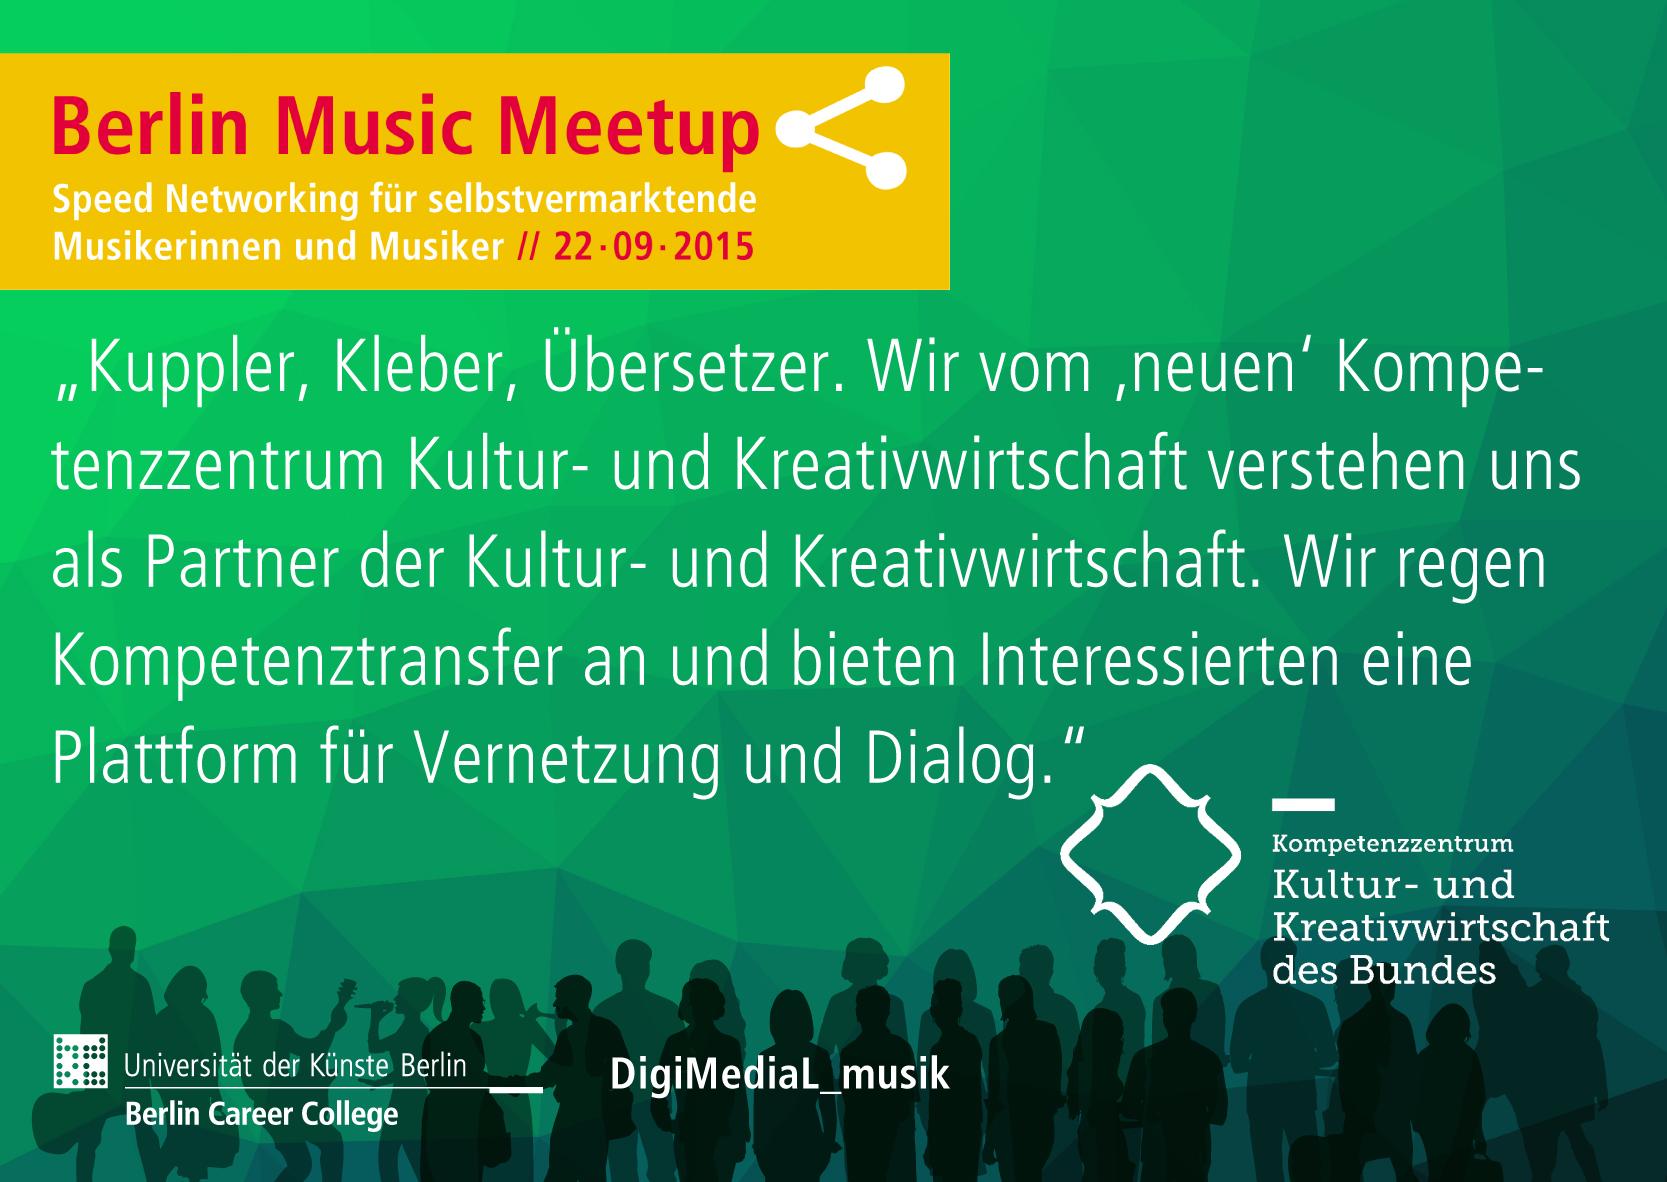 berlin_music_meetup_web_flyer_kulturfoerderpunkt_a